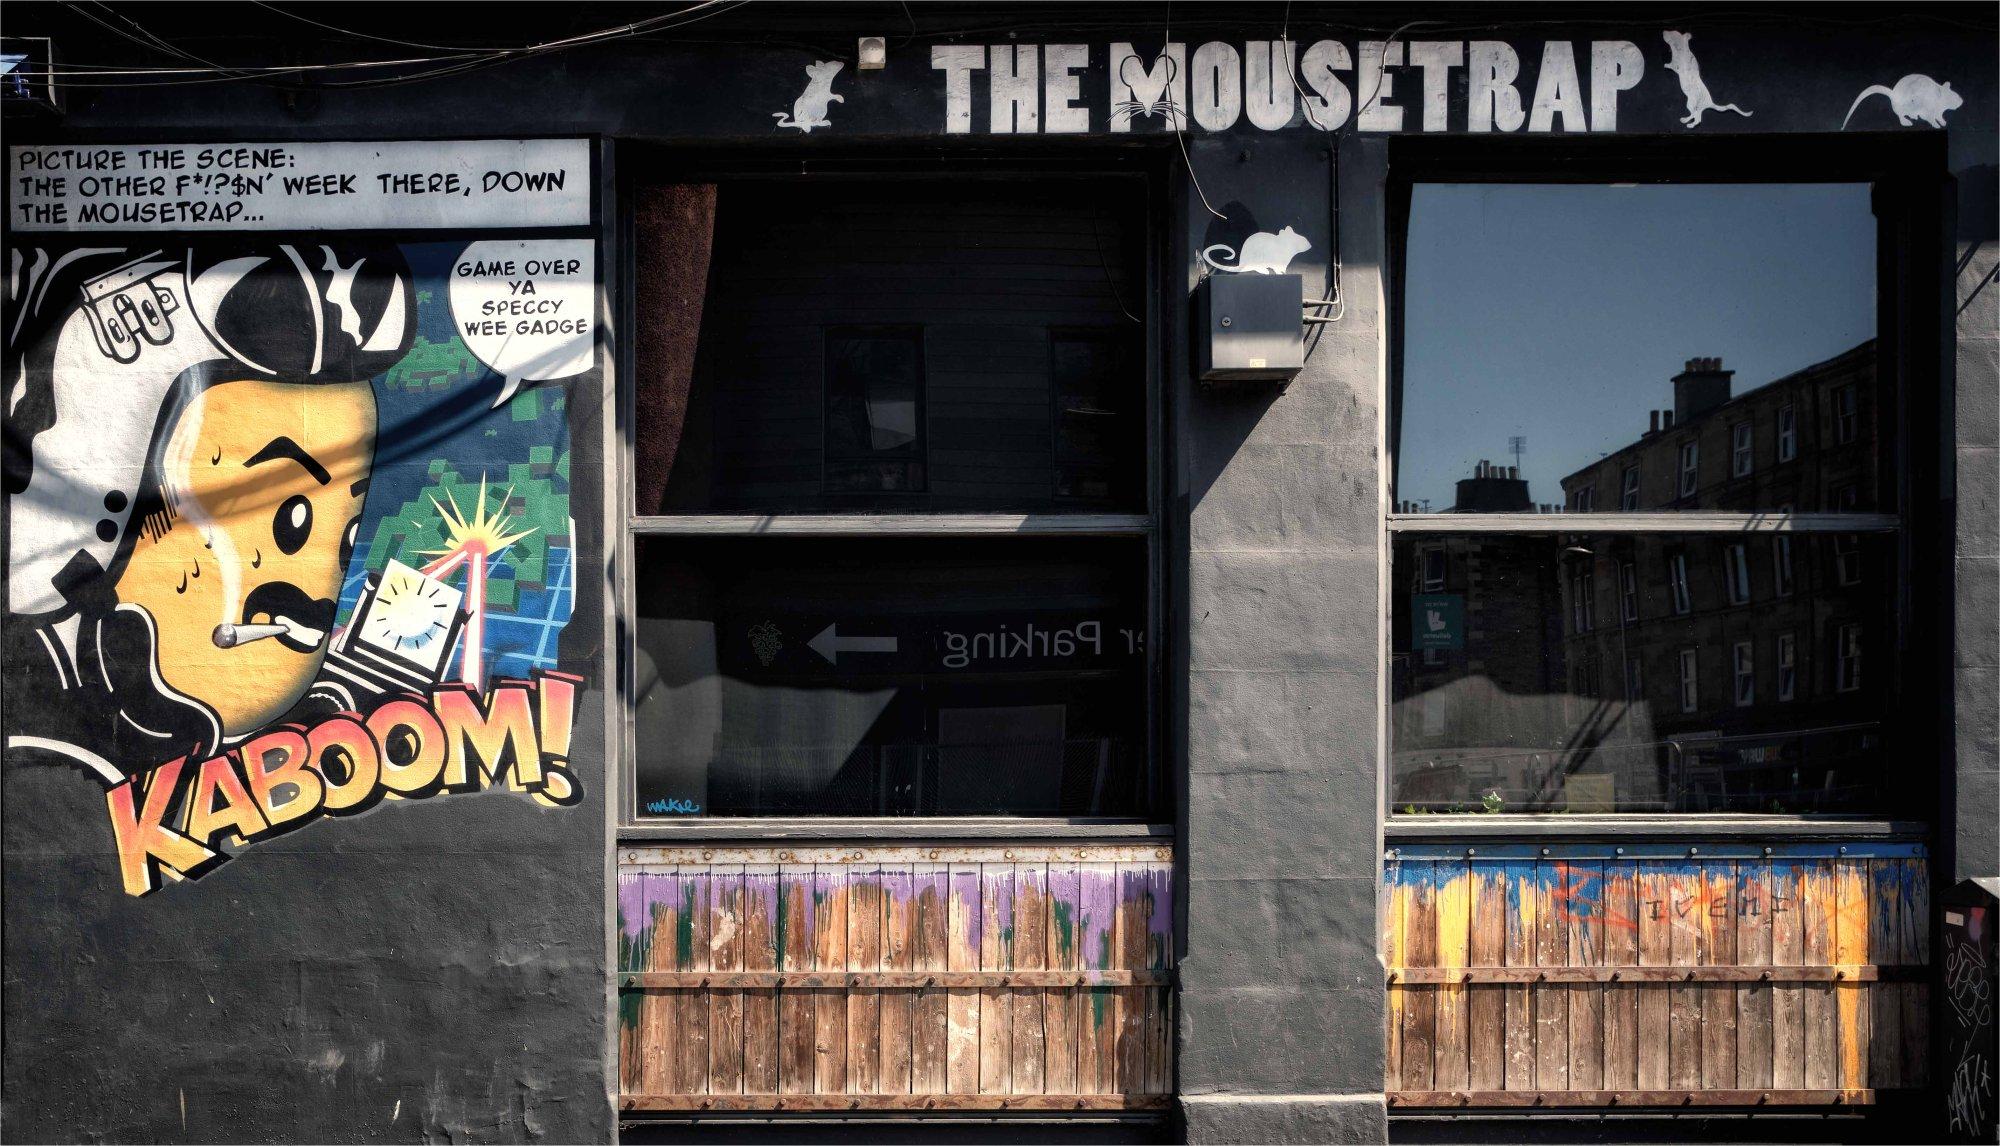 Leith#6: The Mousetrap